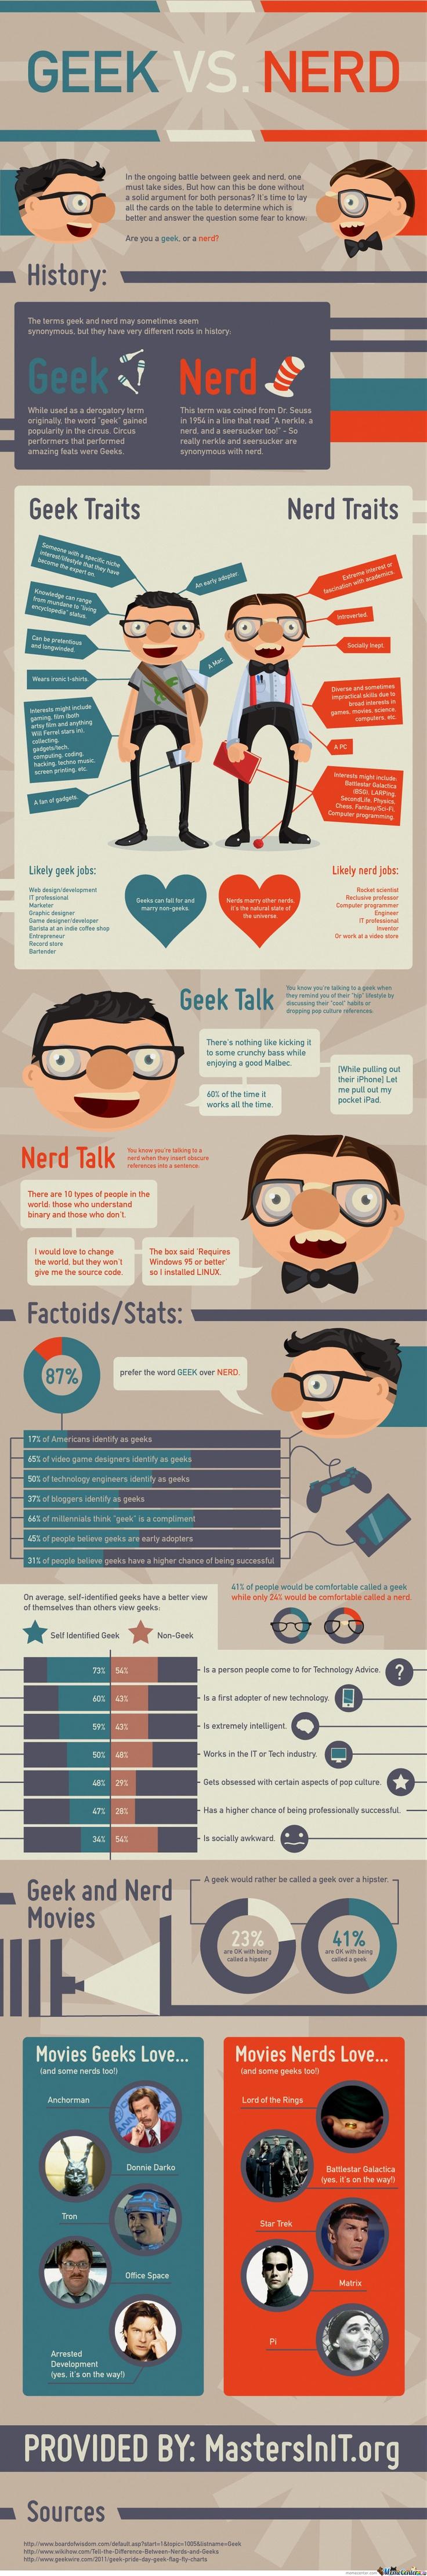 The difference between Nerd and Geek. Euh waar zou mijn vent onder vallen?